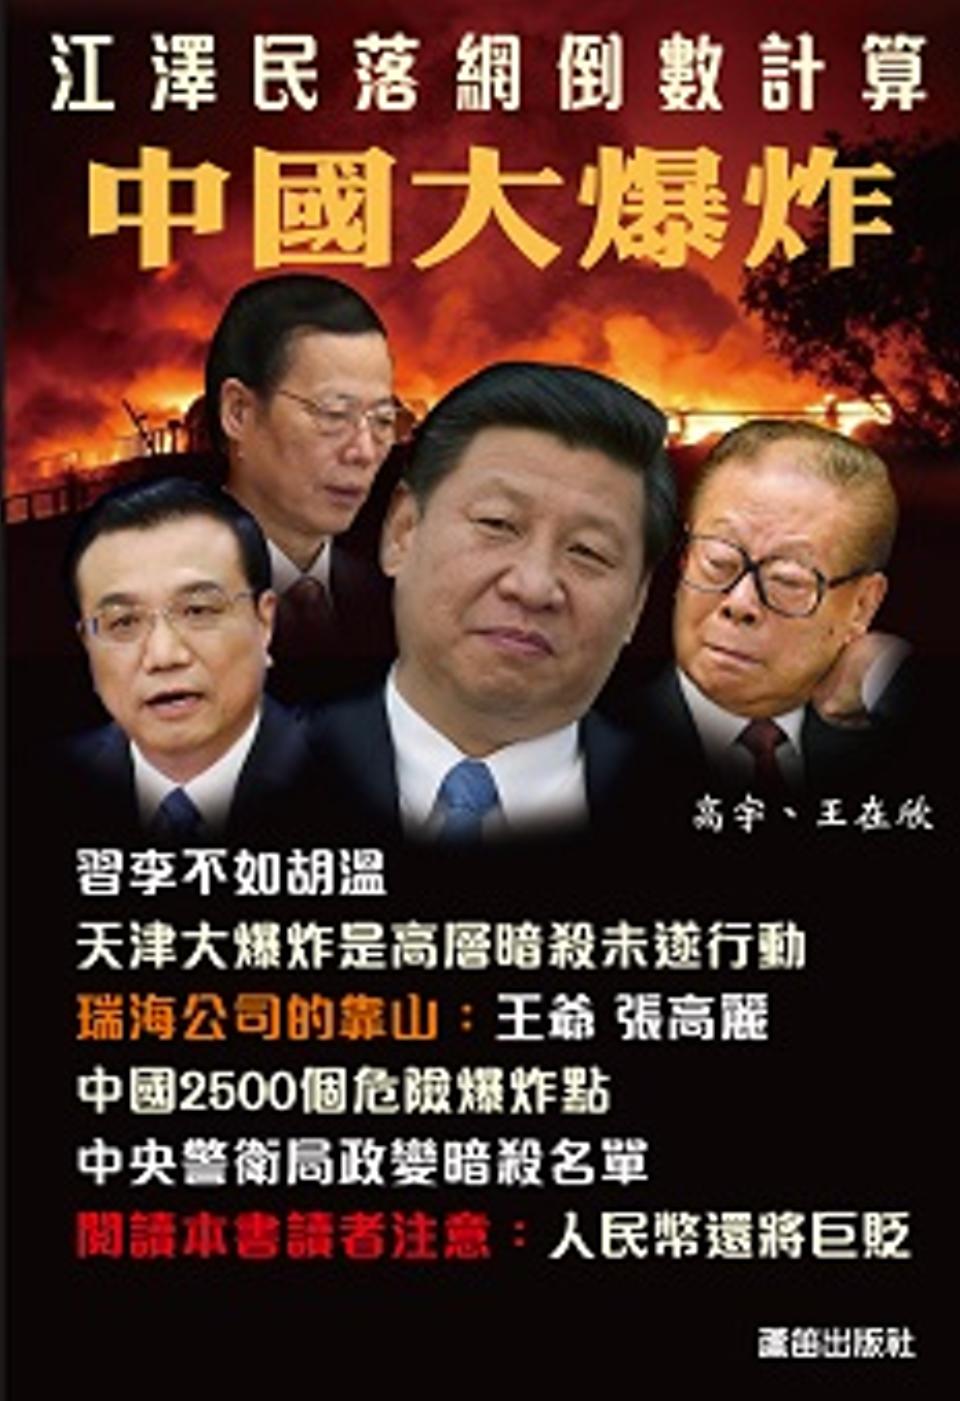 中國大爆炸